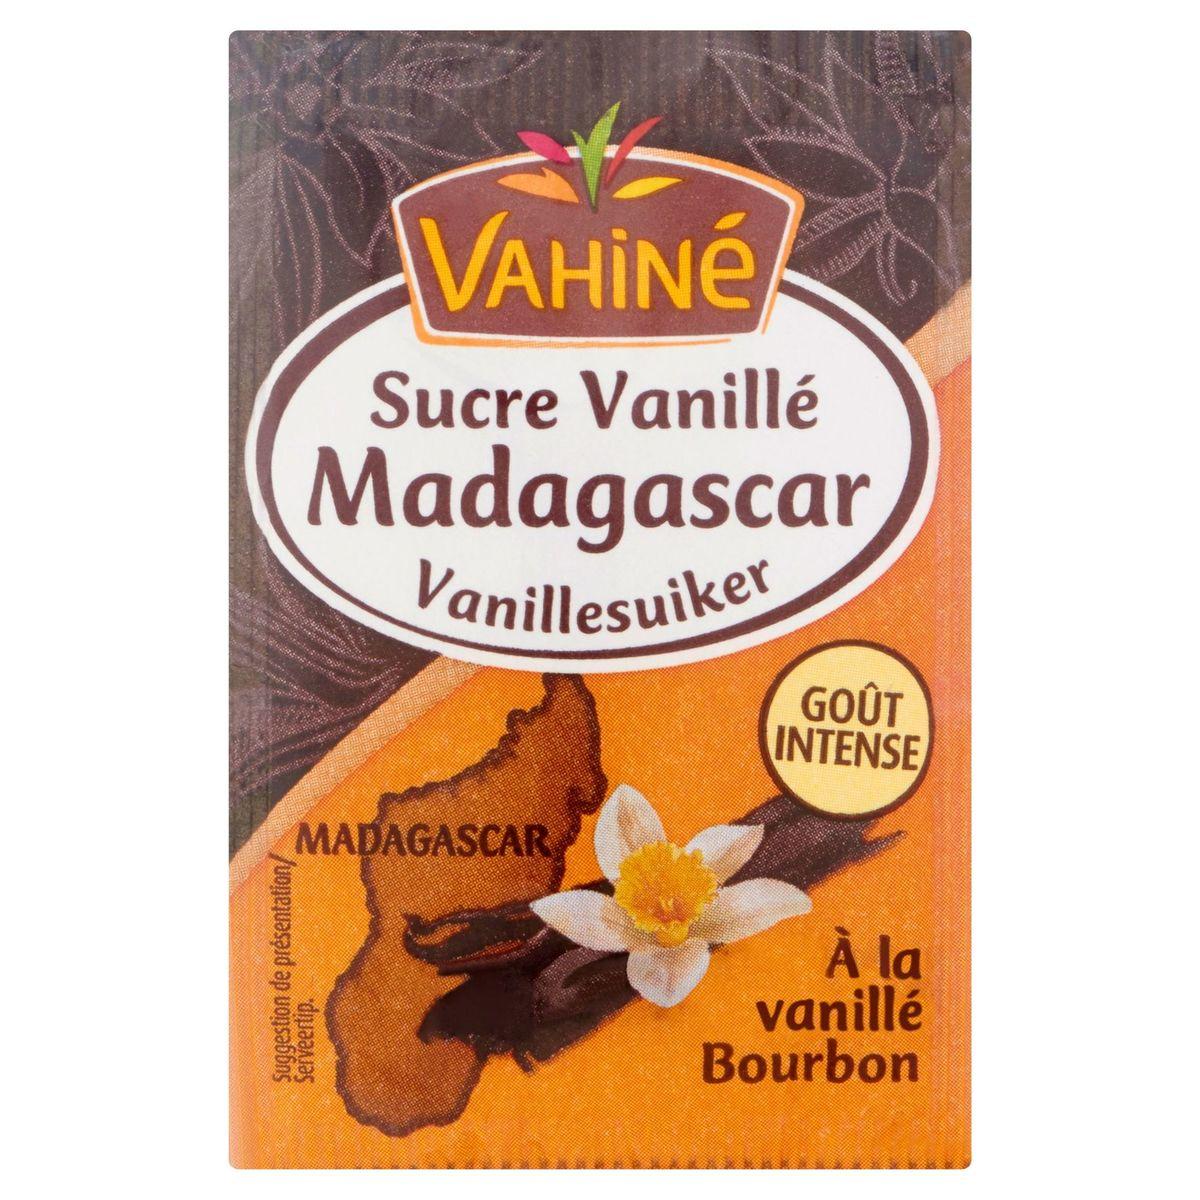 Vahiné Sucre Vanillé Madagascar 5 x 7.5 g